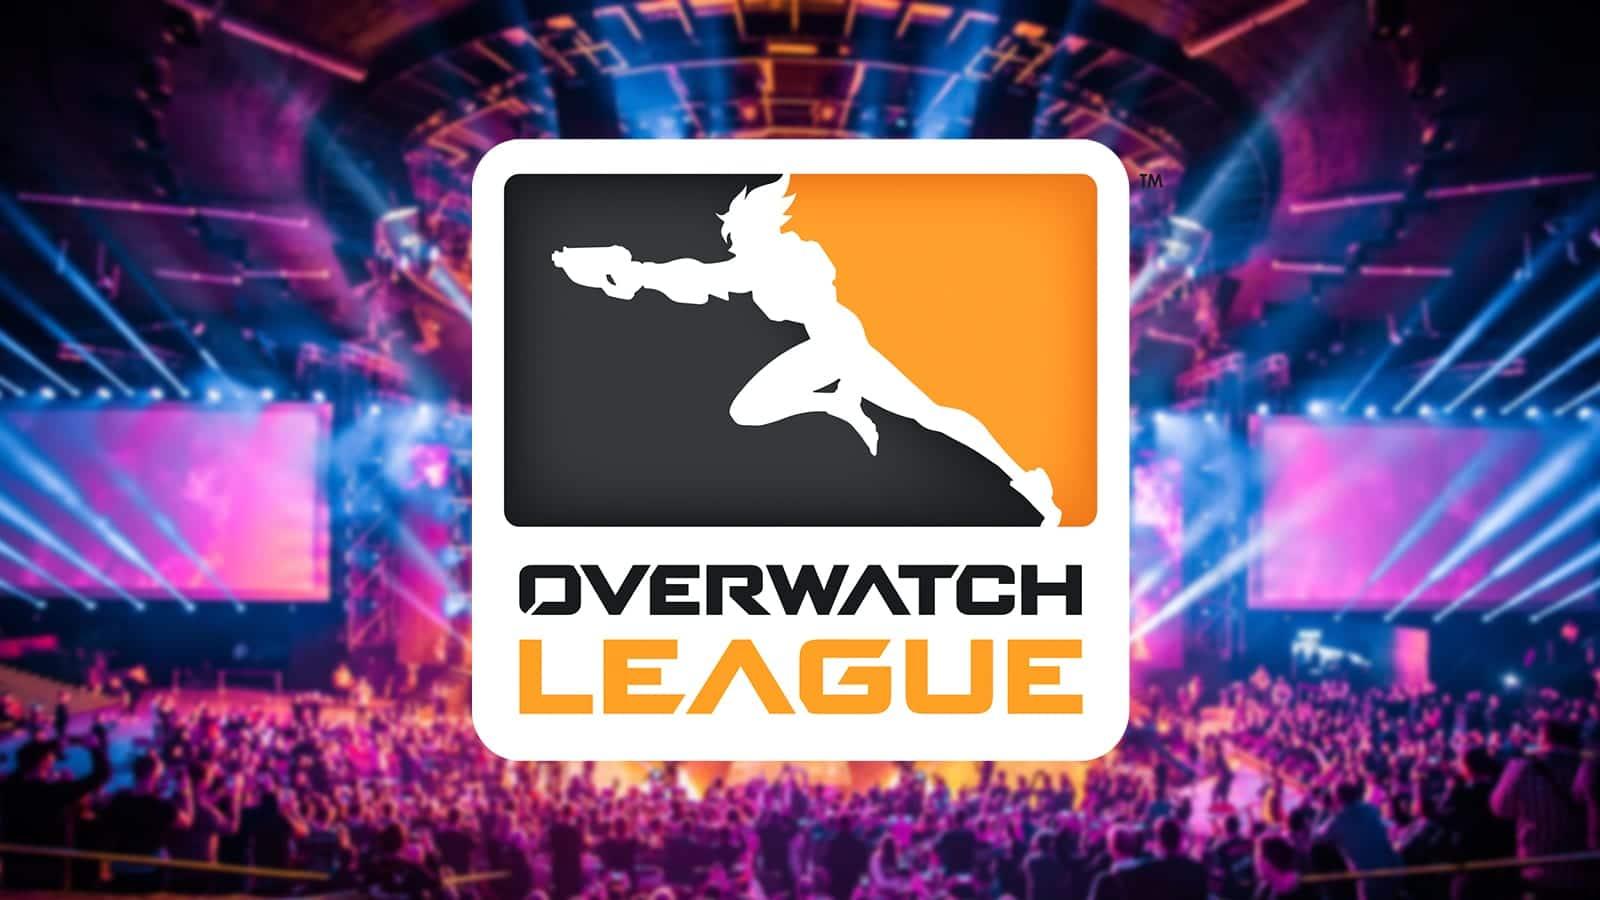 Liga Overwatch